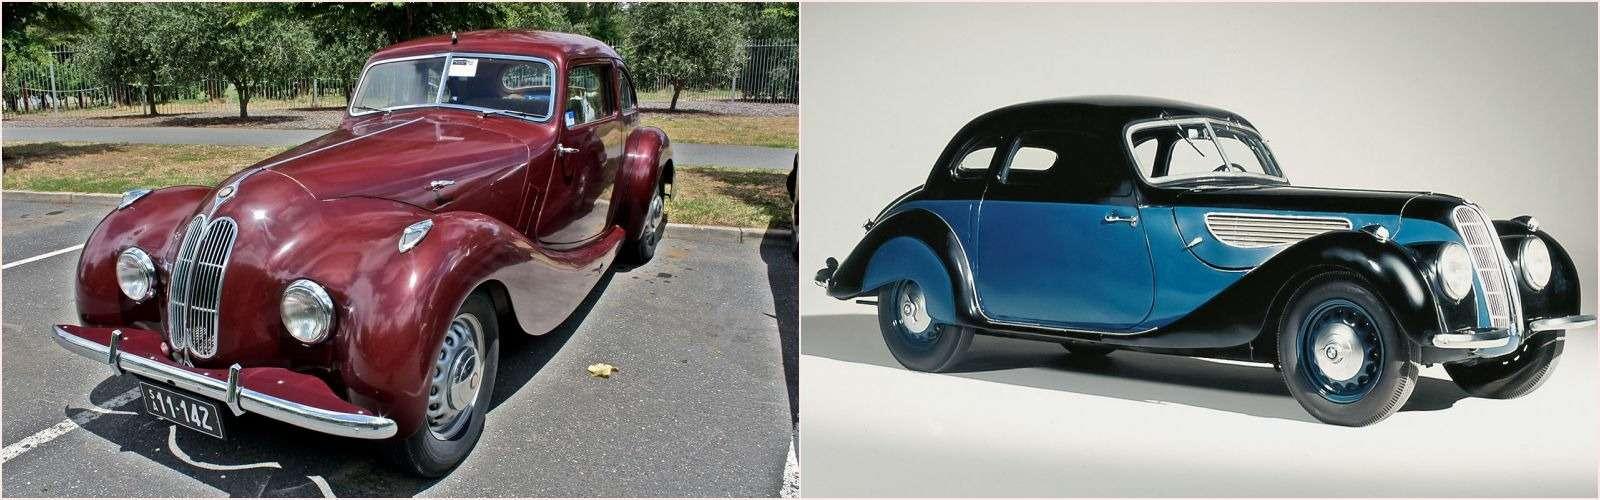 Первые автомобили-клоны: британцы, немцы, шведы...— фото 779919